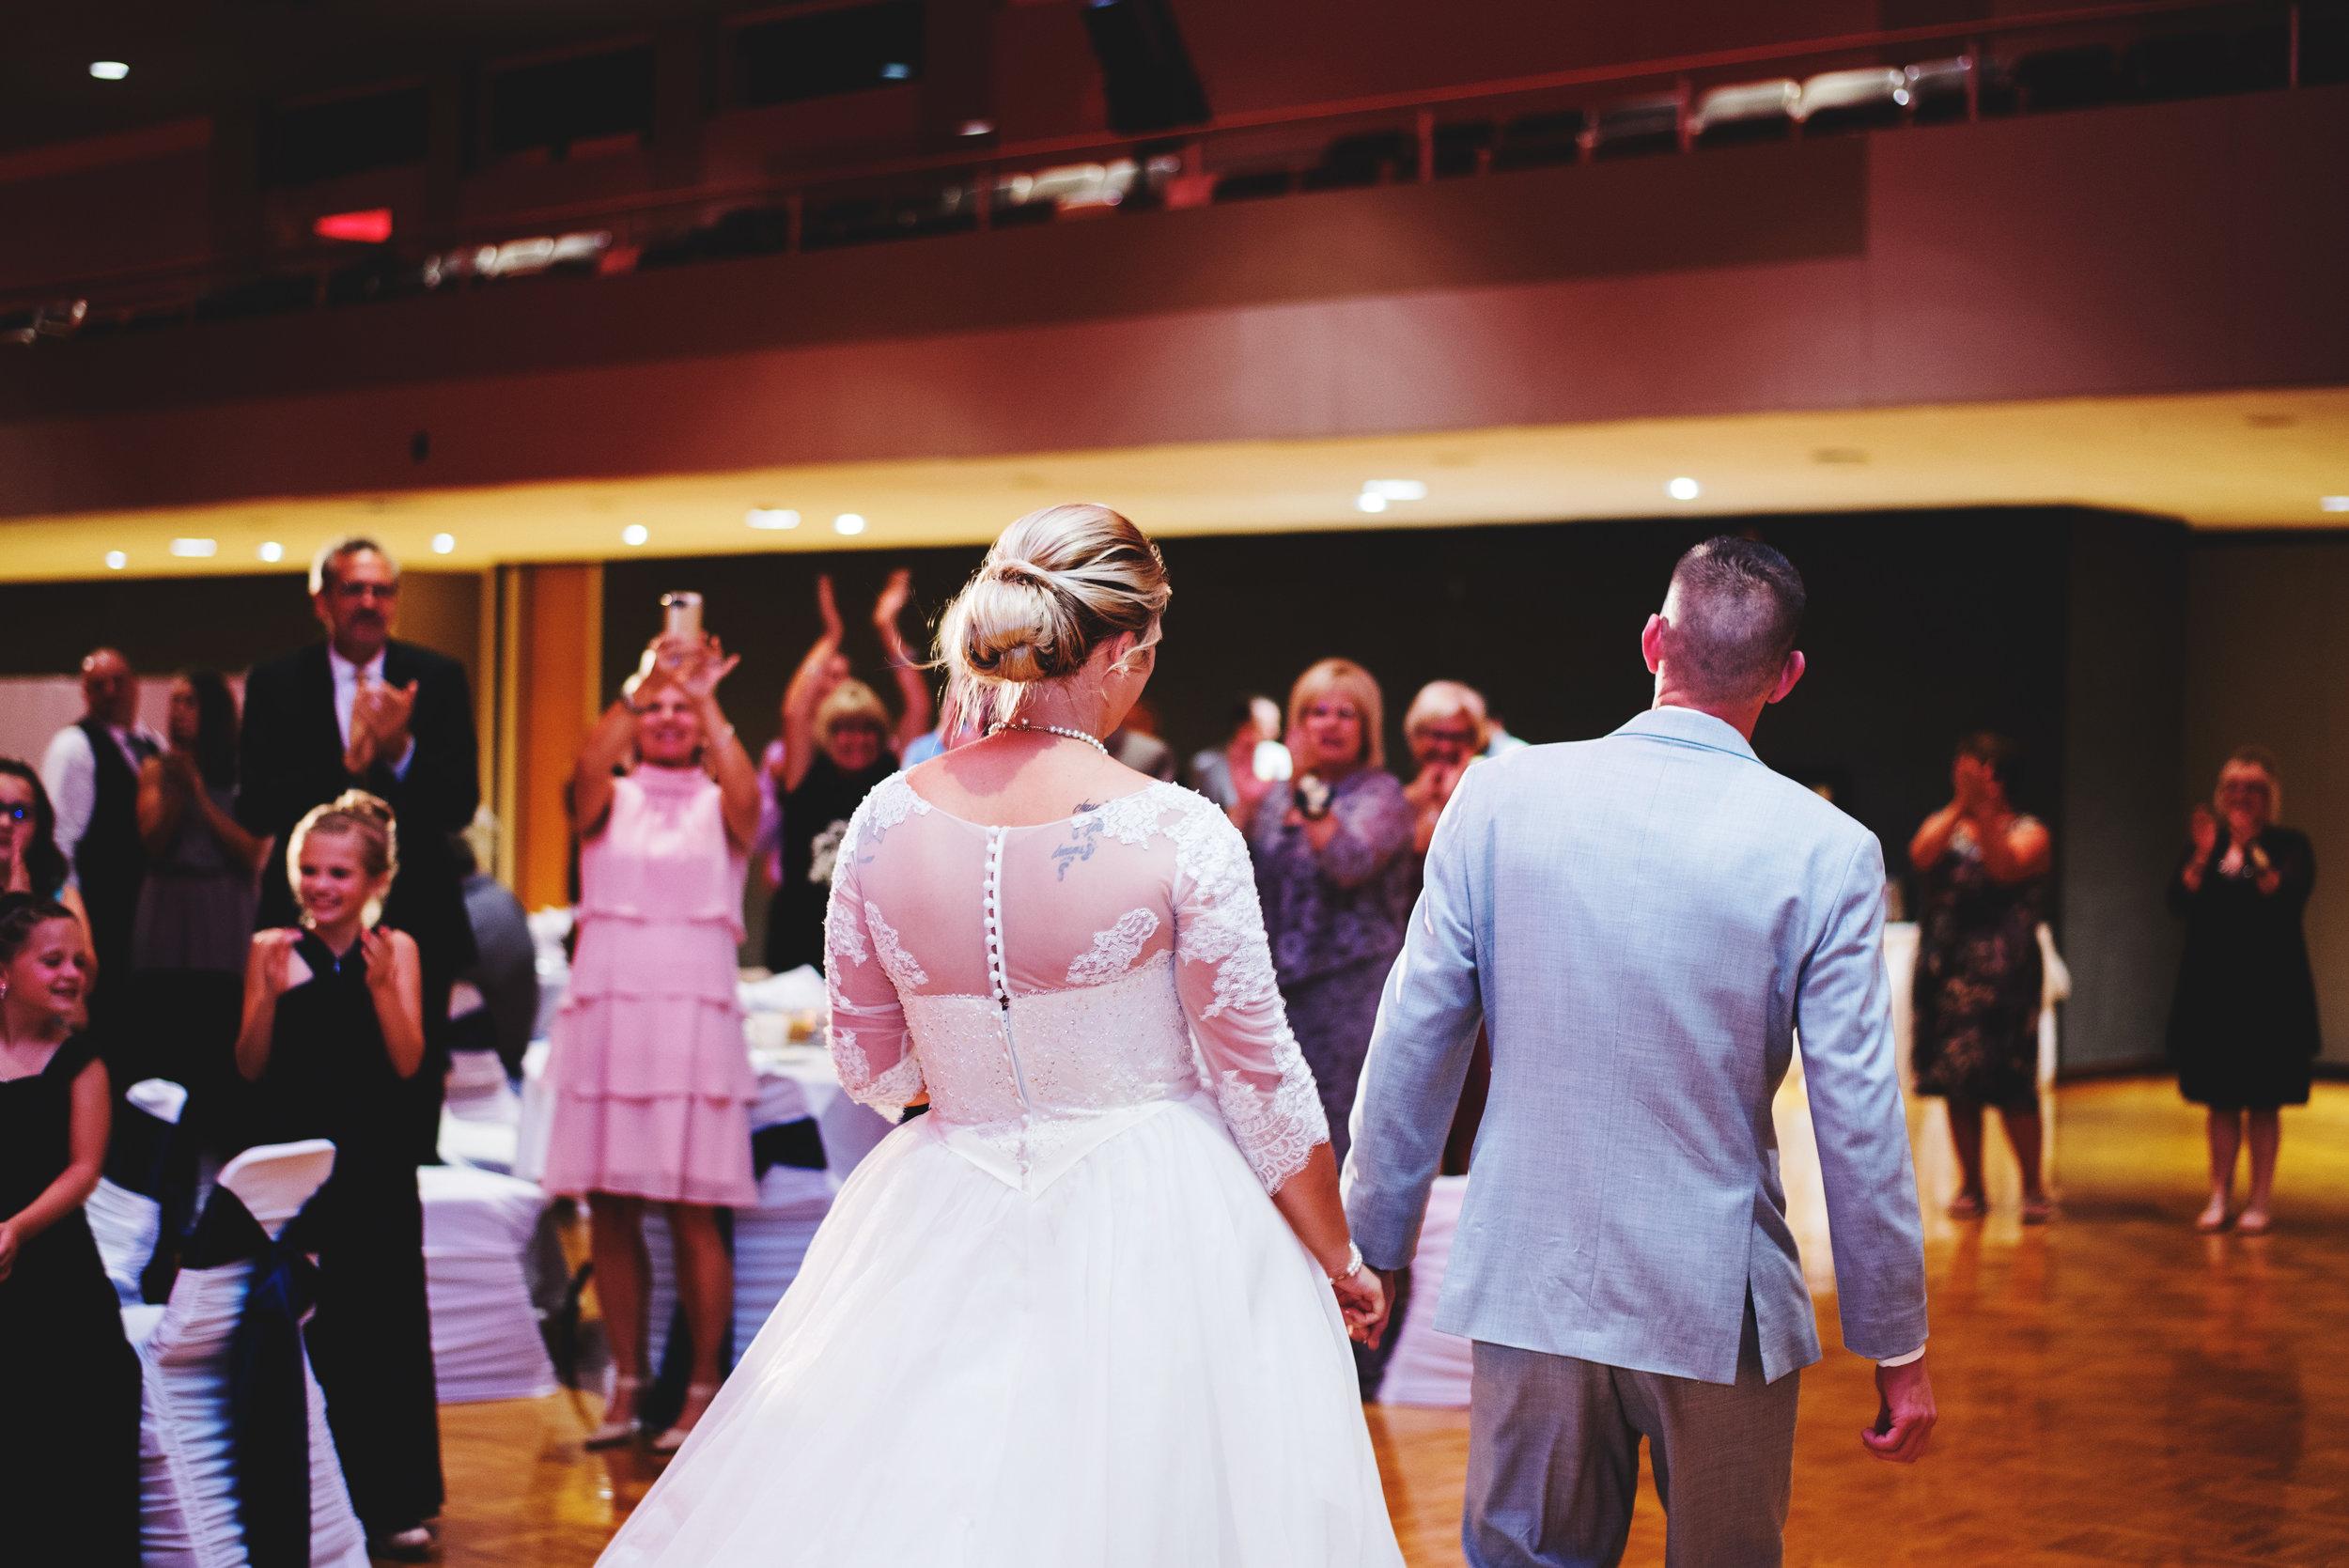 King-Northern-Illinois-University-Wedding100.jpg